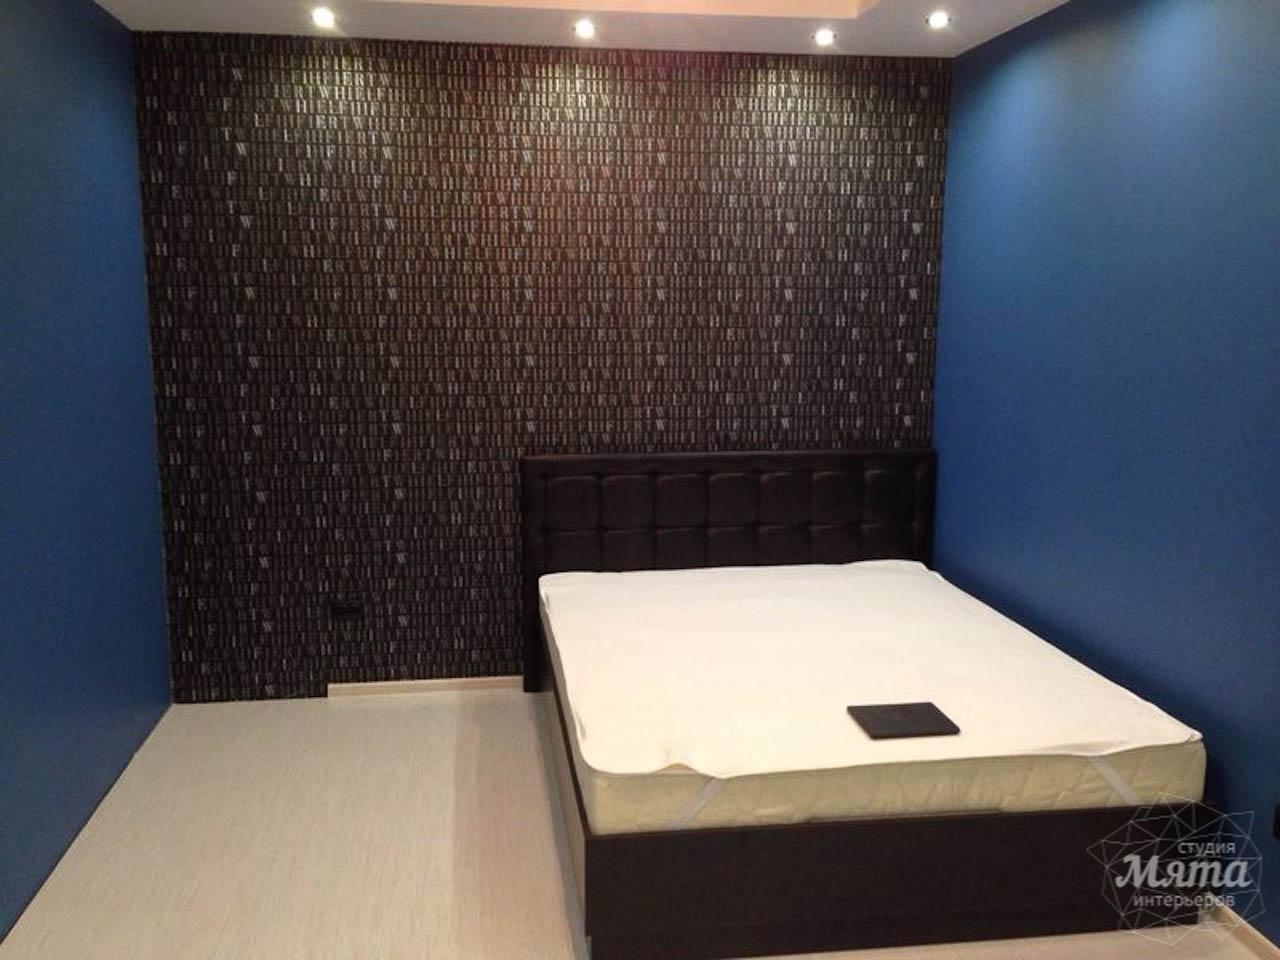 Дизайн интерьера и ремонт однокомнатной квартиры по ул. Комсомольская 45 28